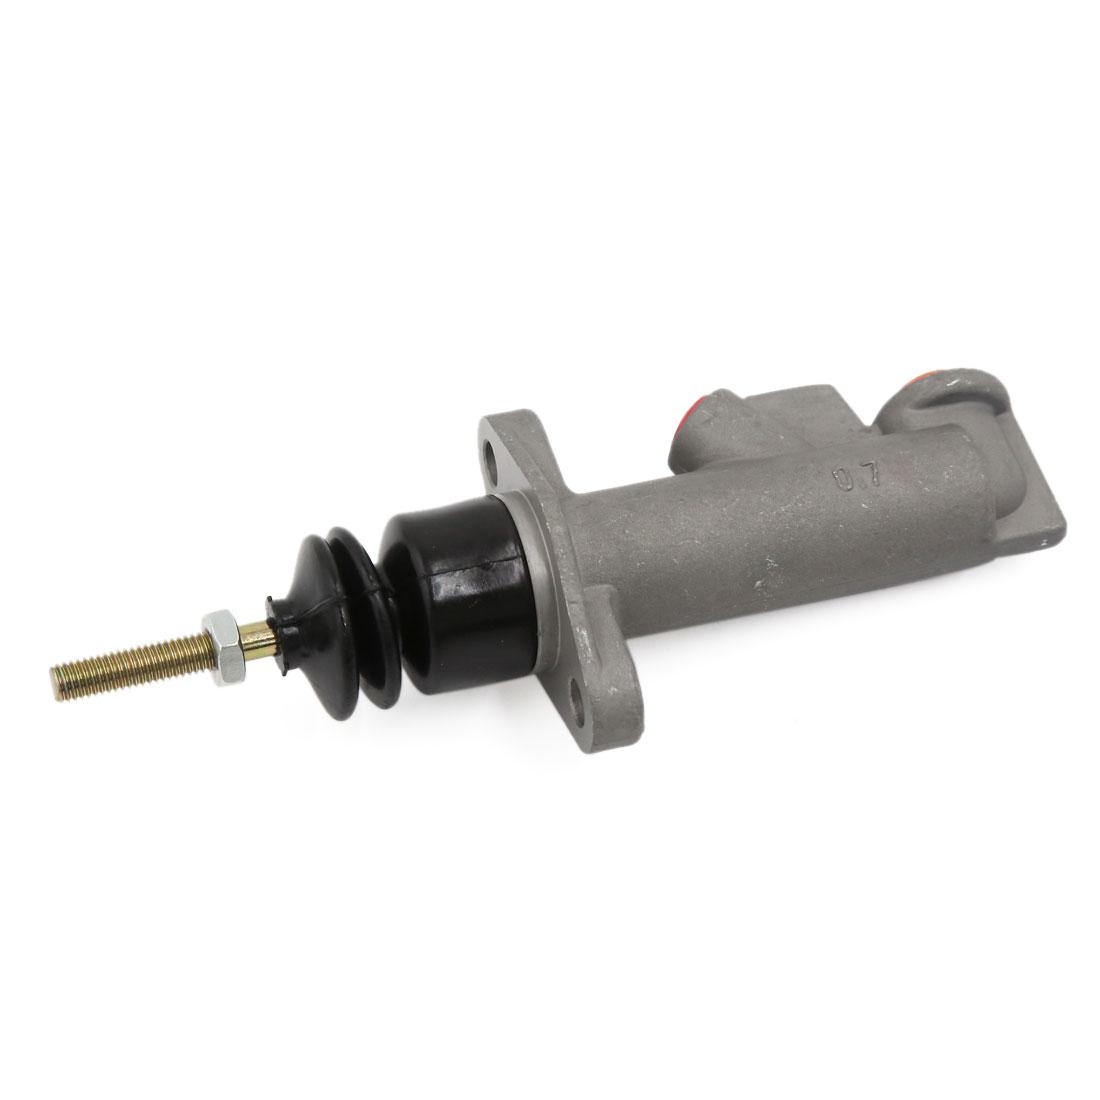 0.7 Inch Bore Thread Car Drift Racing Master Cylinder Hydraulic Handbrake Pump